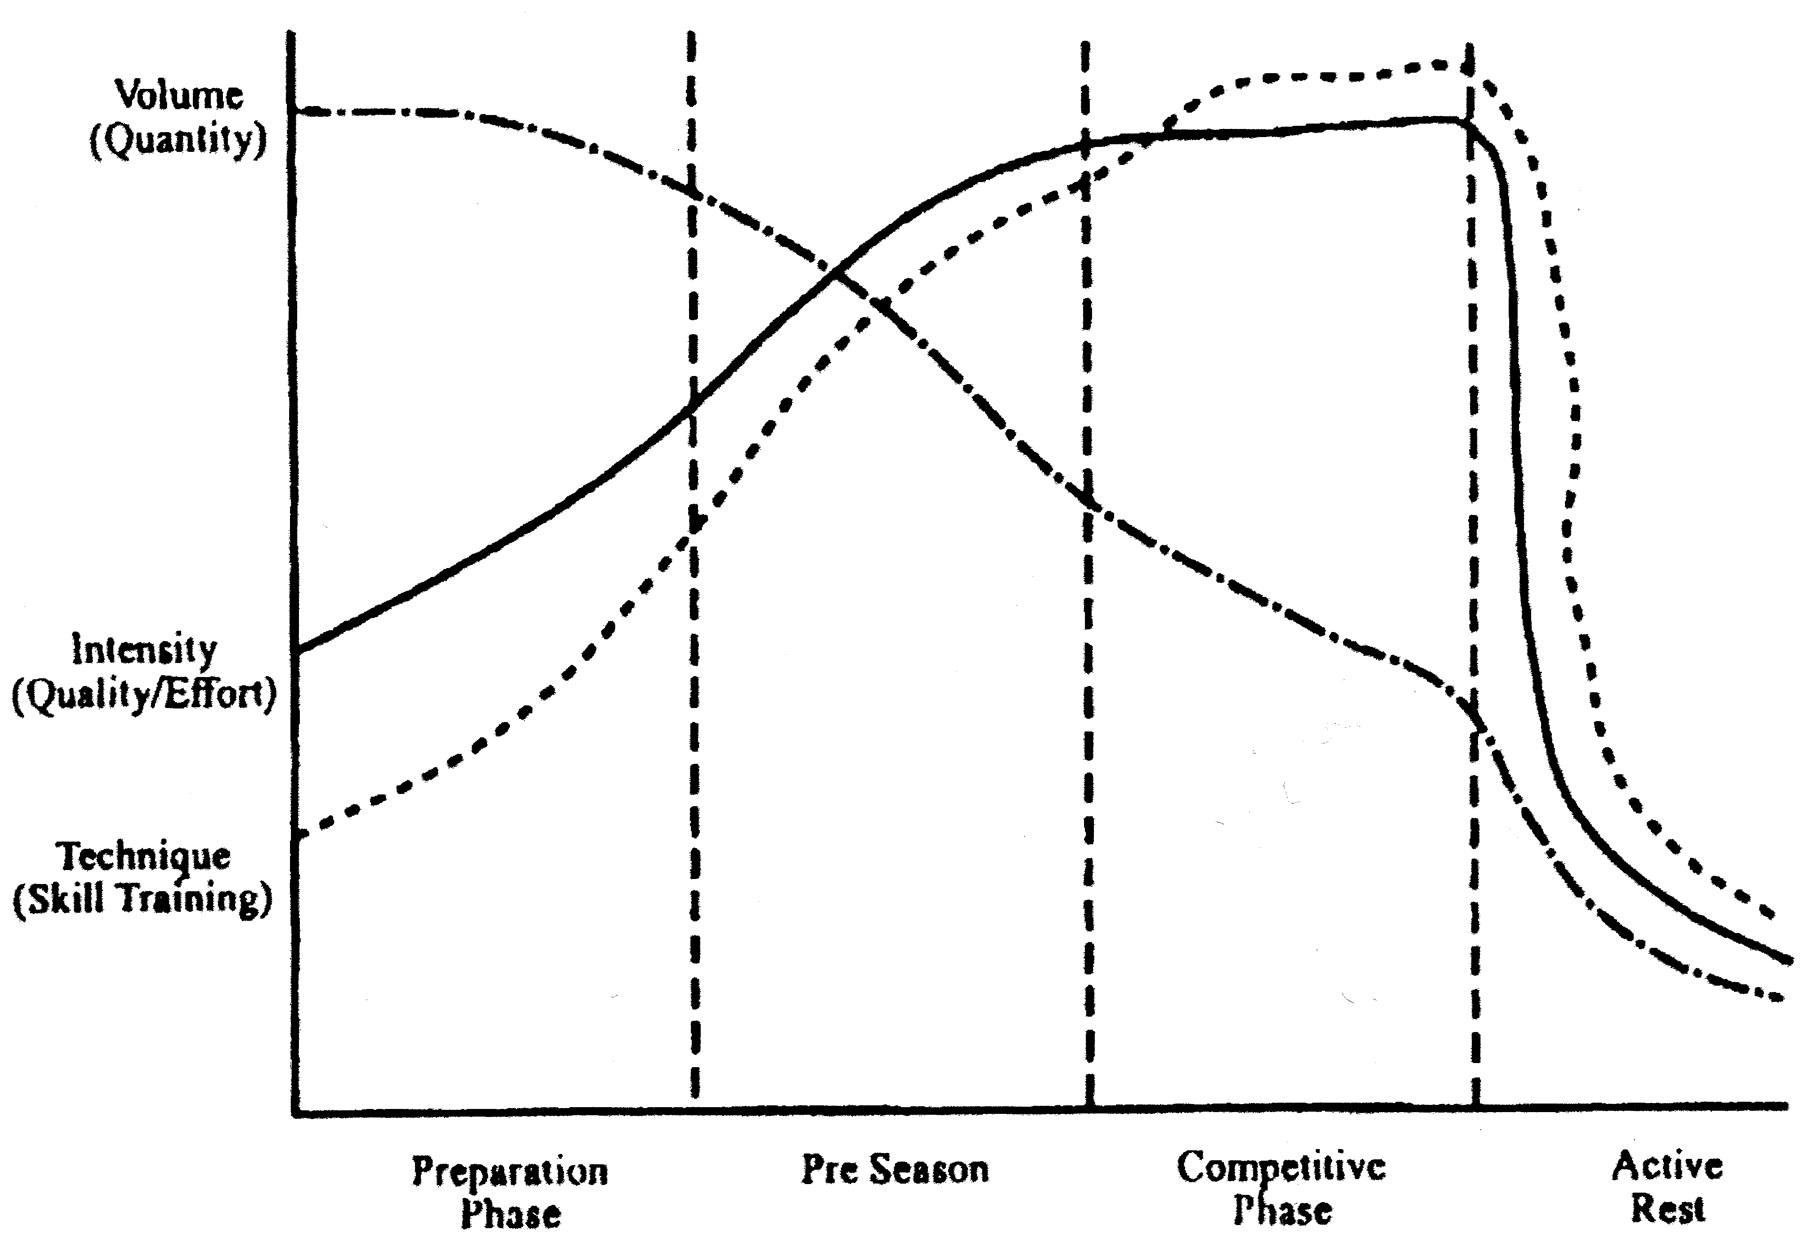 Beispiel für eine klassische Periodisierung nach Matveyev